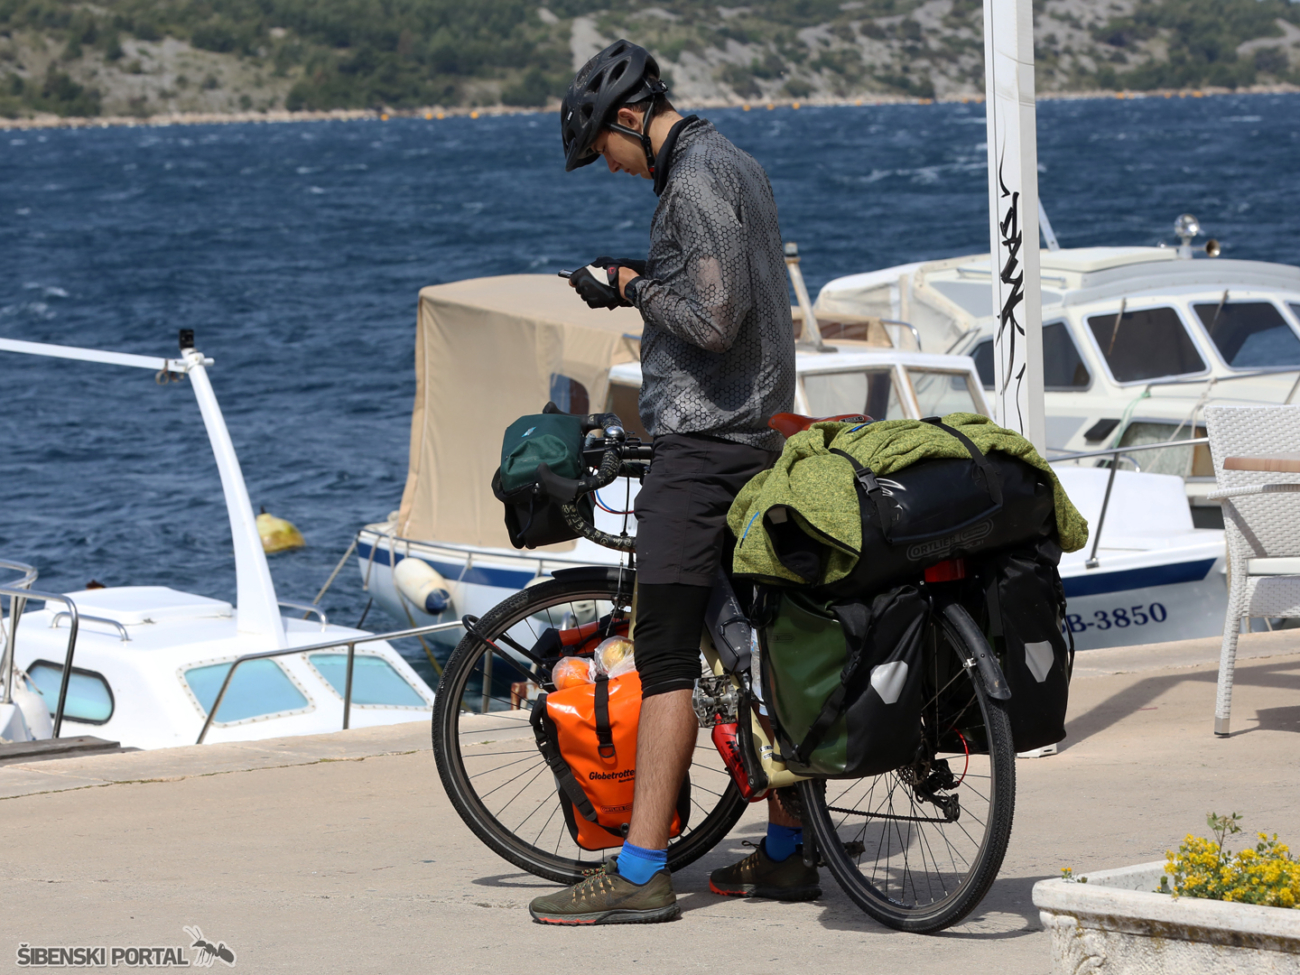 spica turisti biciklisti 260417 1